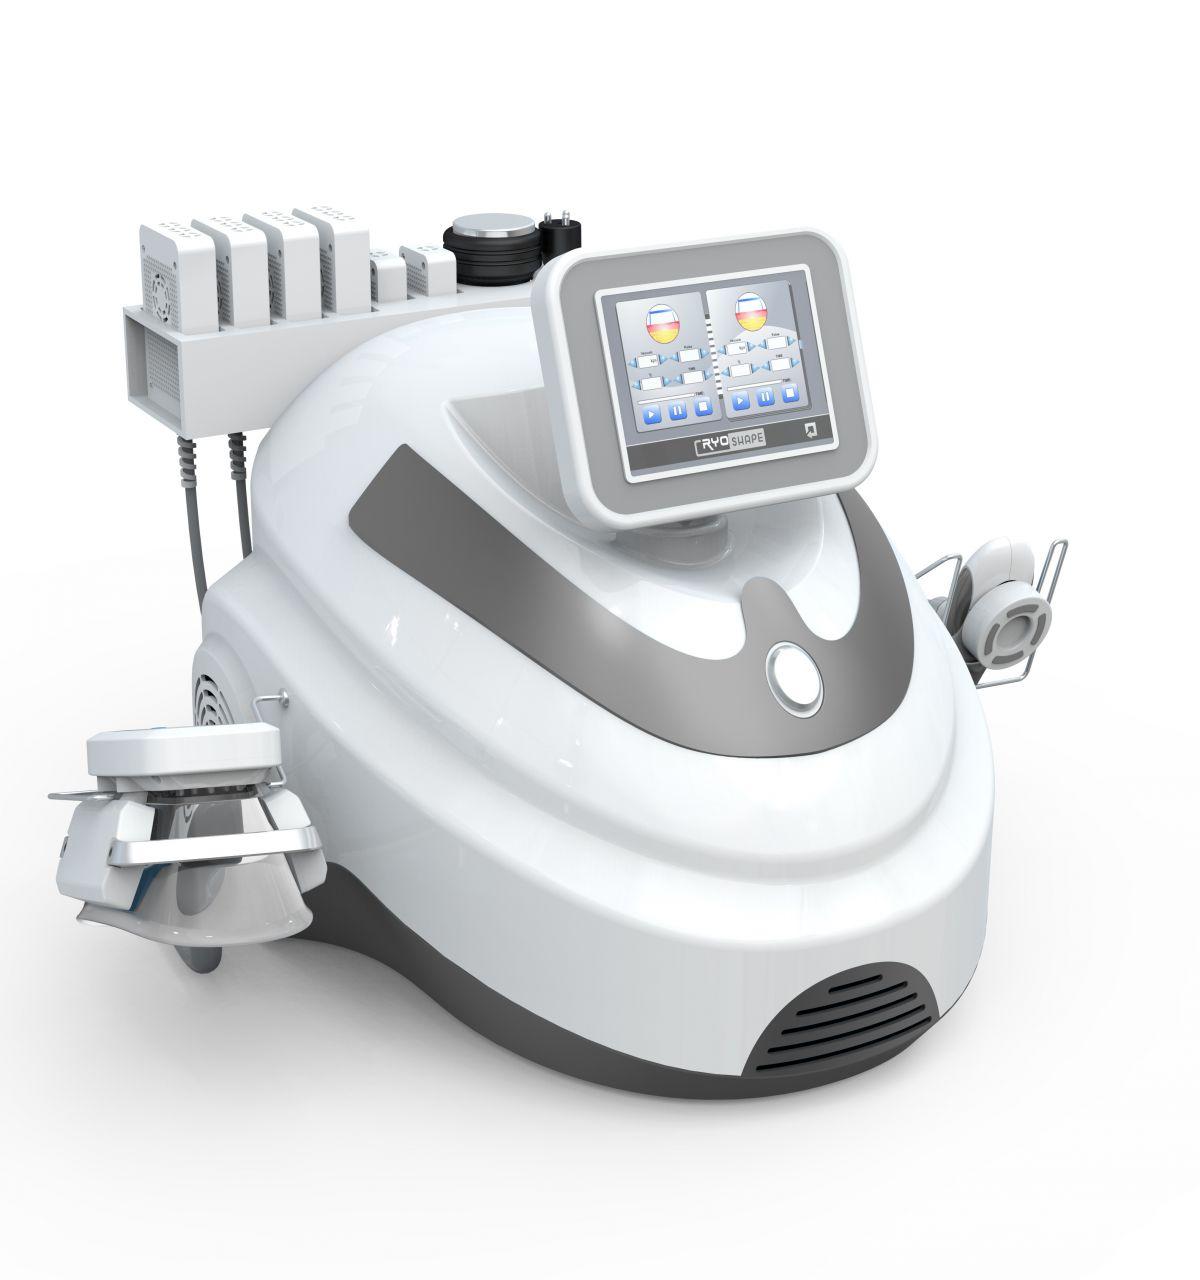 Belize Max 4in1 Alakformáló Gép: Cryolipolízis, DLT lipolézer, vákuumos rádiófrekvencia és kavitáció